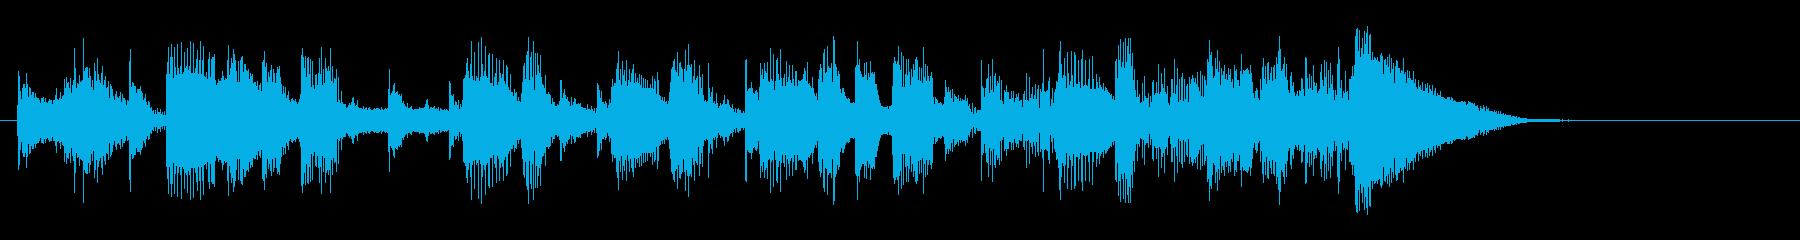 ファンキーなジングルの再生済みの波形